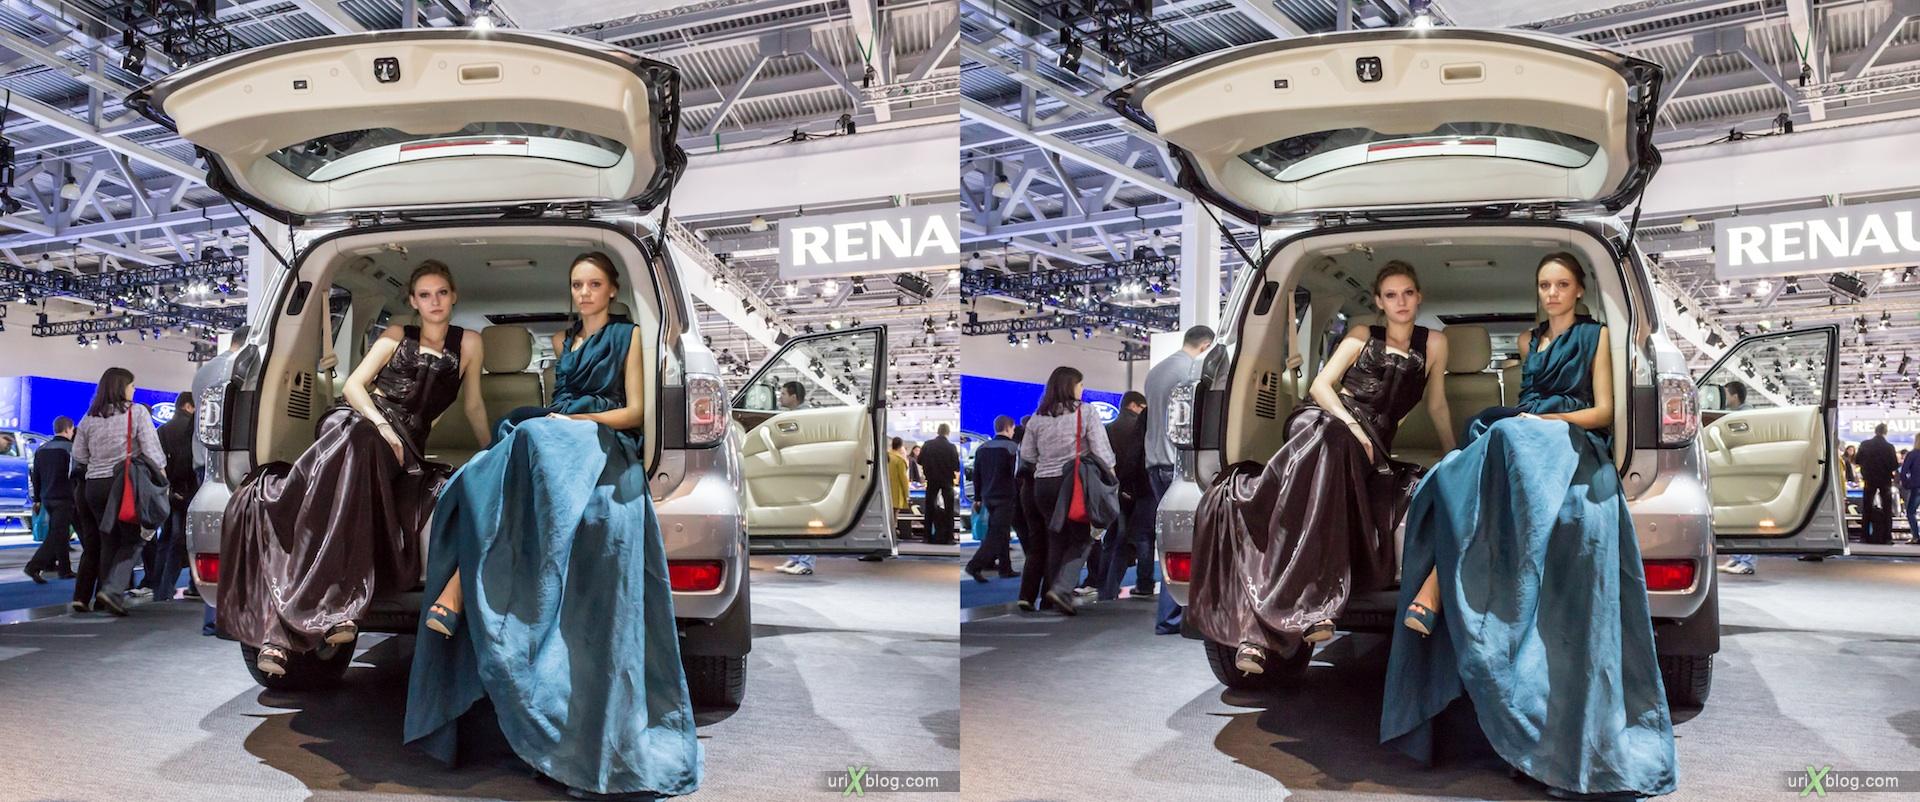 2012, девушки в багажнике, модель, Московский международный автомобильный салон, ММАС, Крокус Экспо, 3D, стерео, стереопара